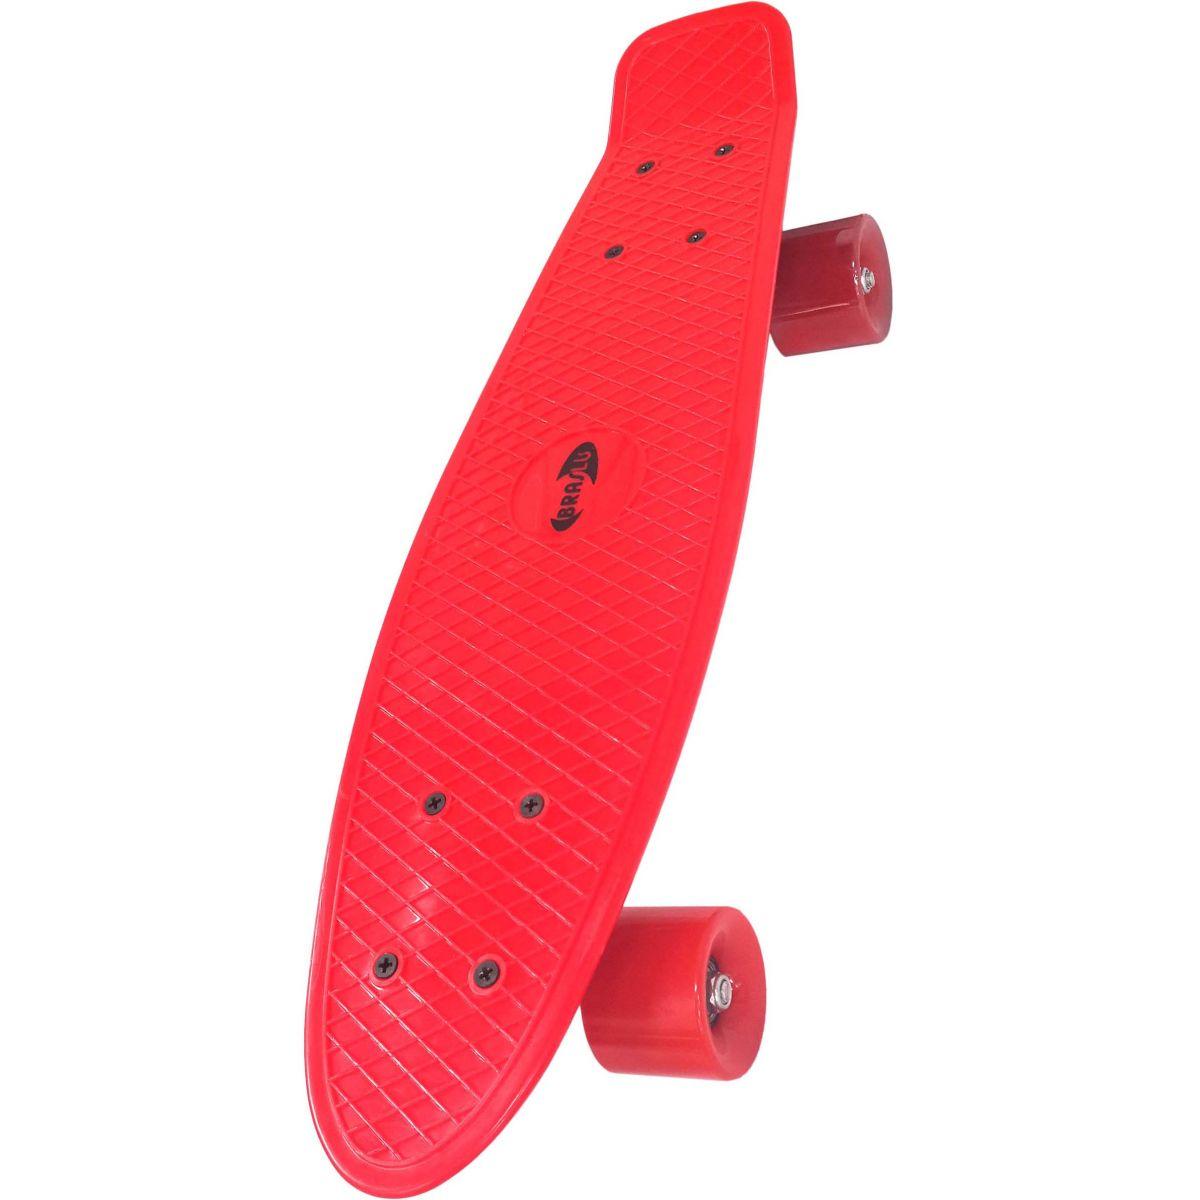 d6b1f337e1f Mini Skate Profissional Truck Blindado Radical Rodas Abec 7 Shape Vermelho  (SKT-2) - Ideal Importados